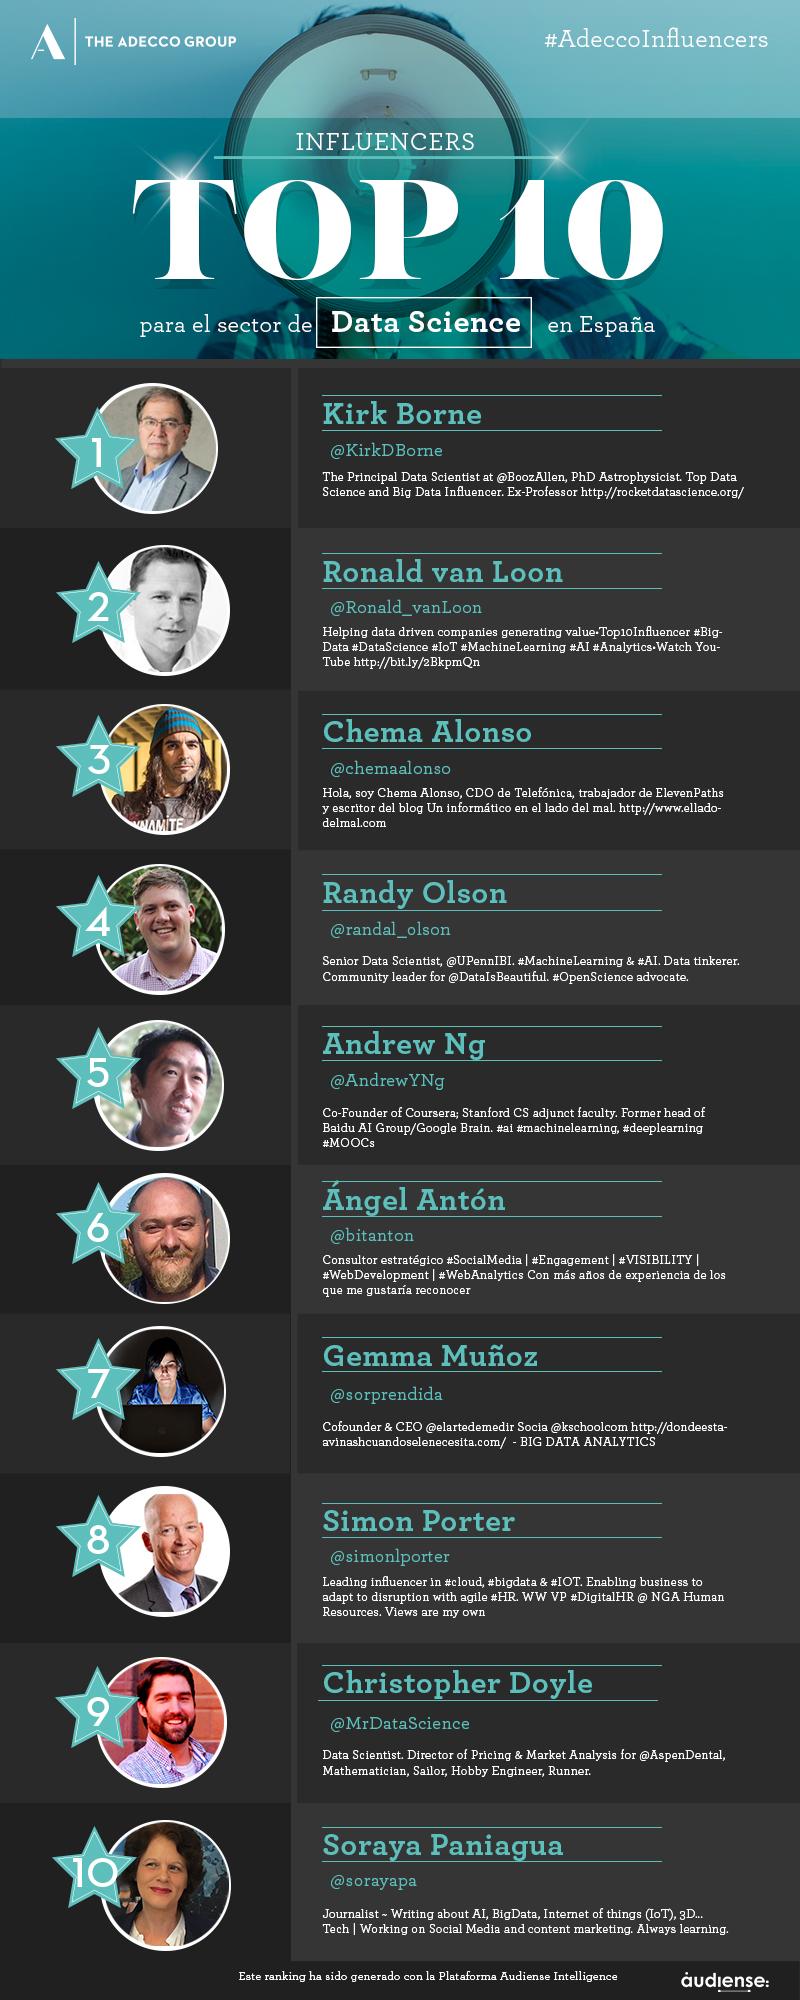 Top 10 influencers del sector Data Science en España